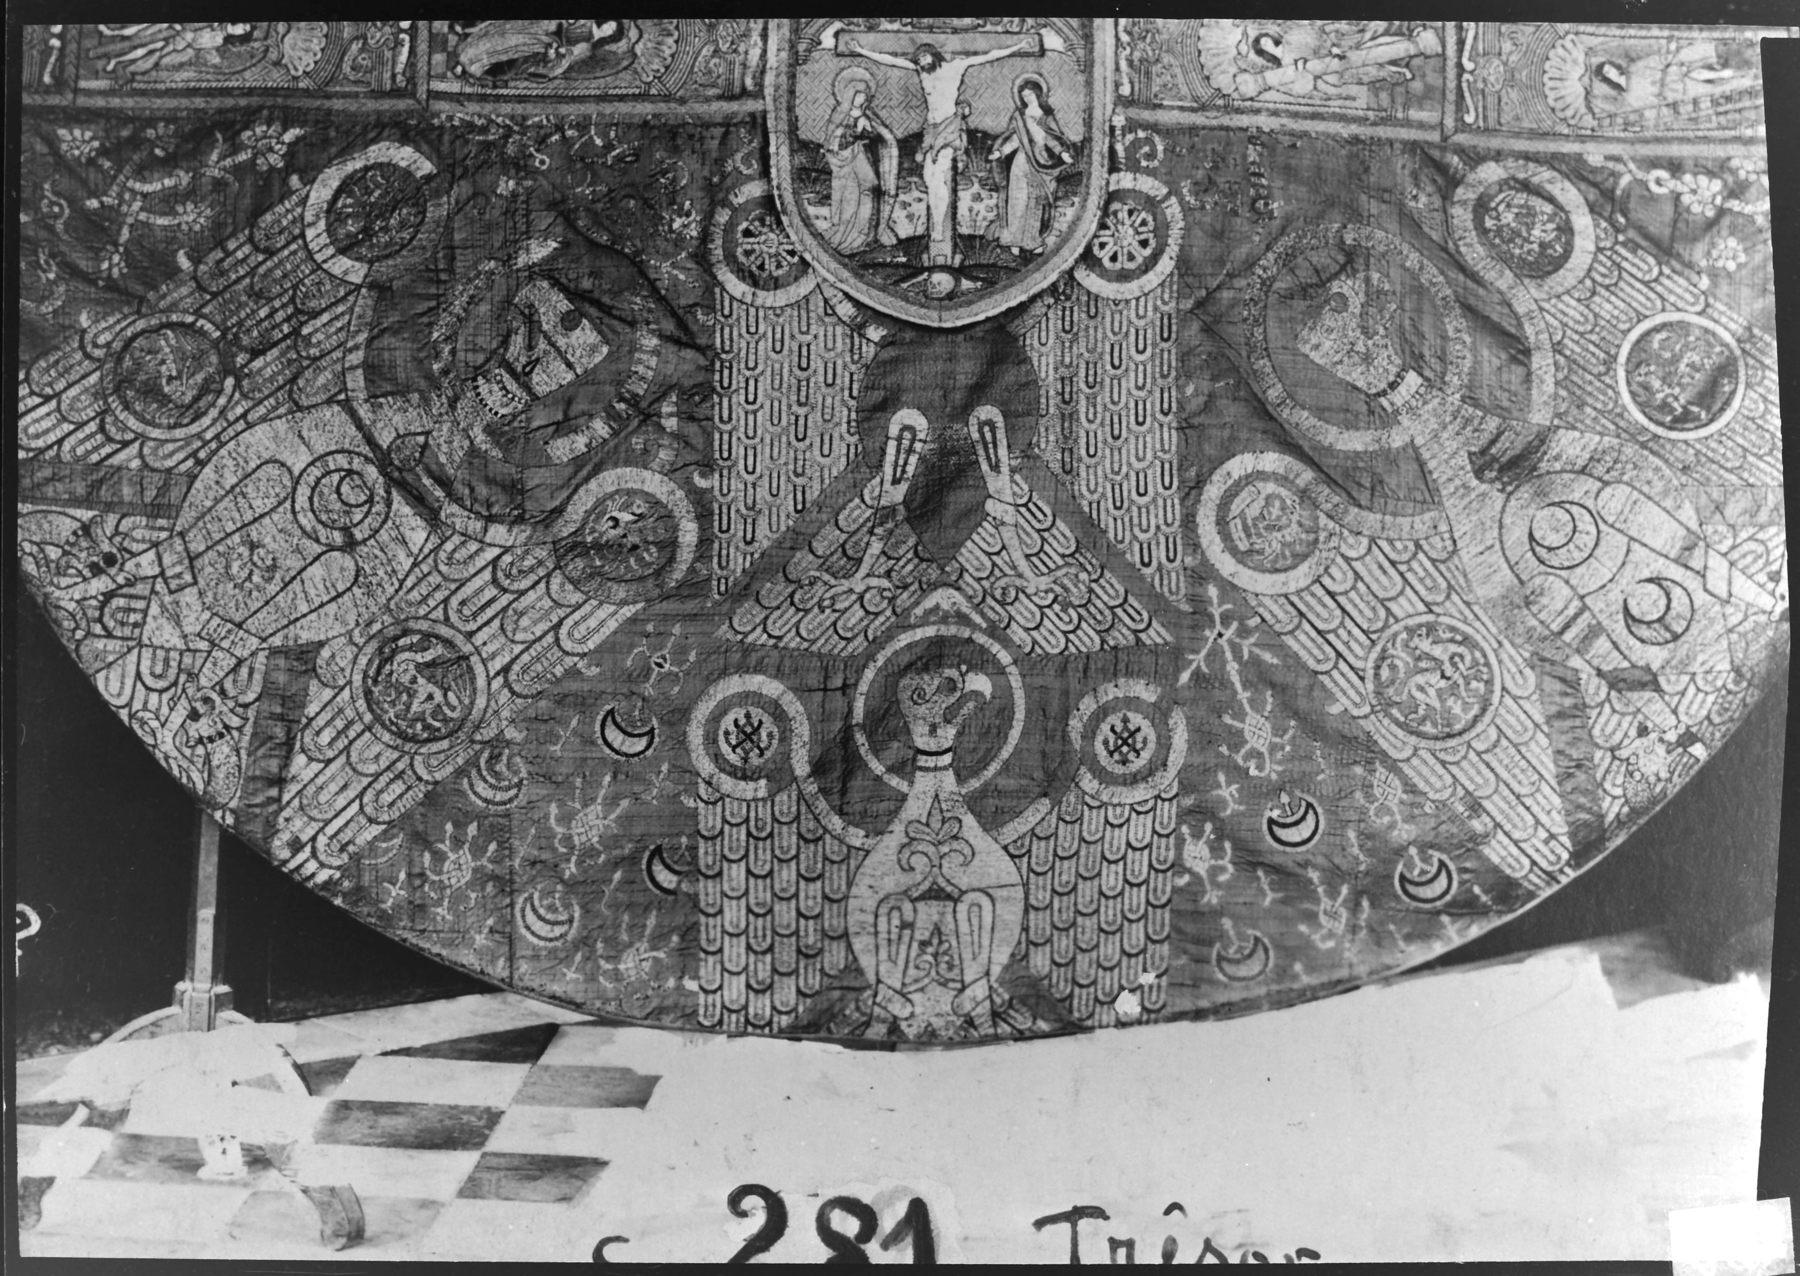 Contenu du La chape dite de Charlemagne, détail